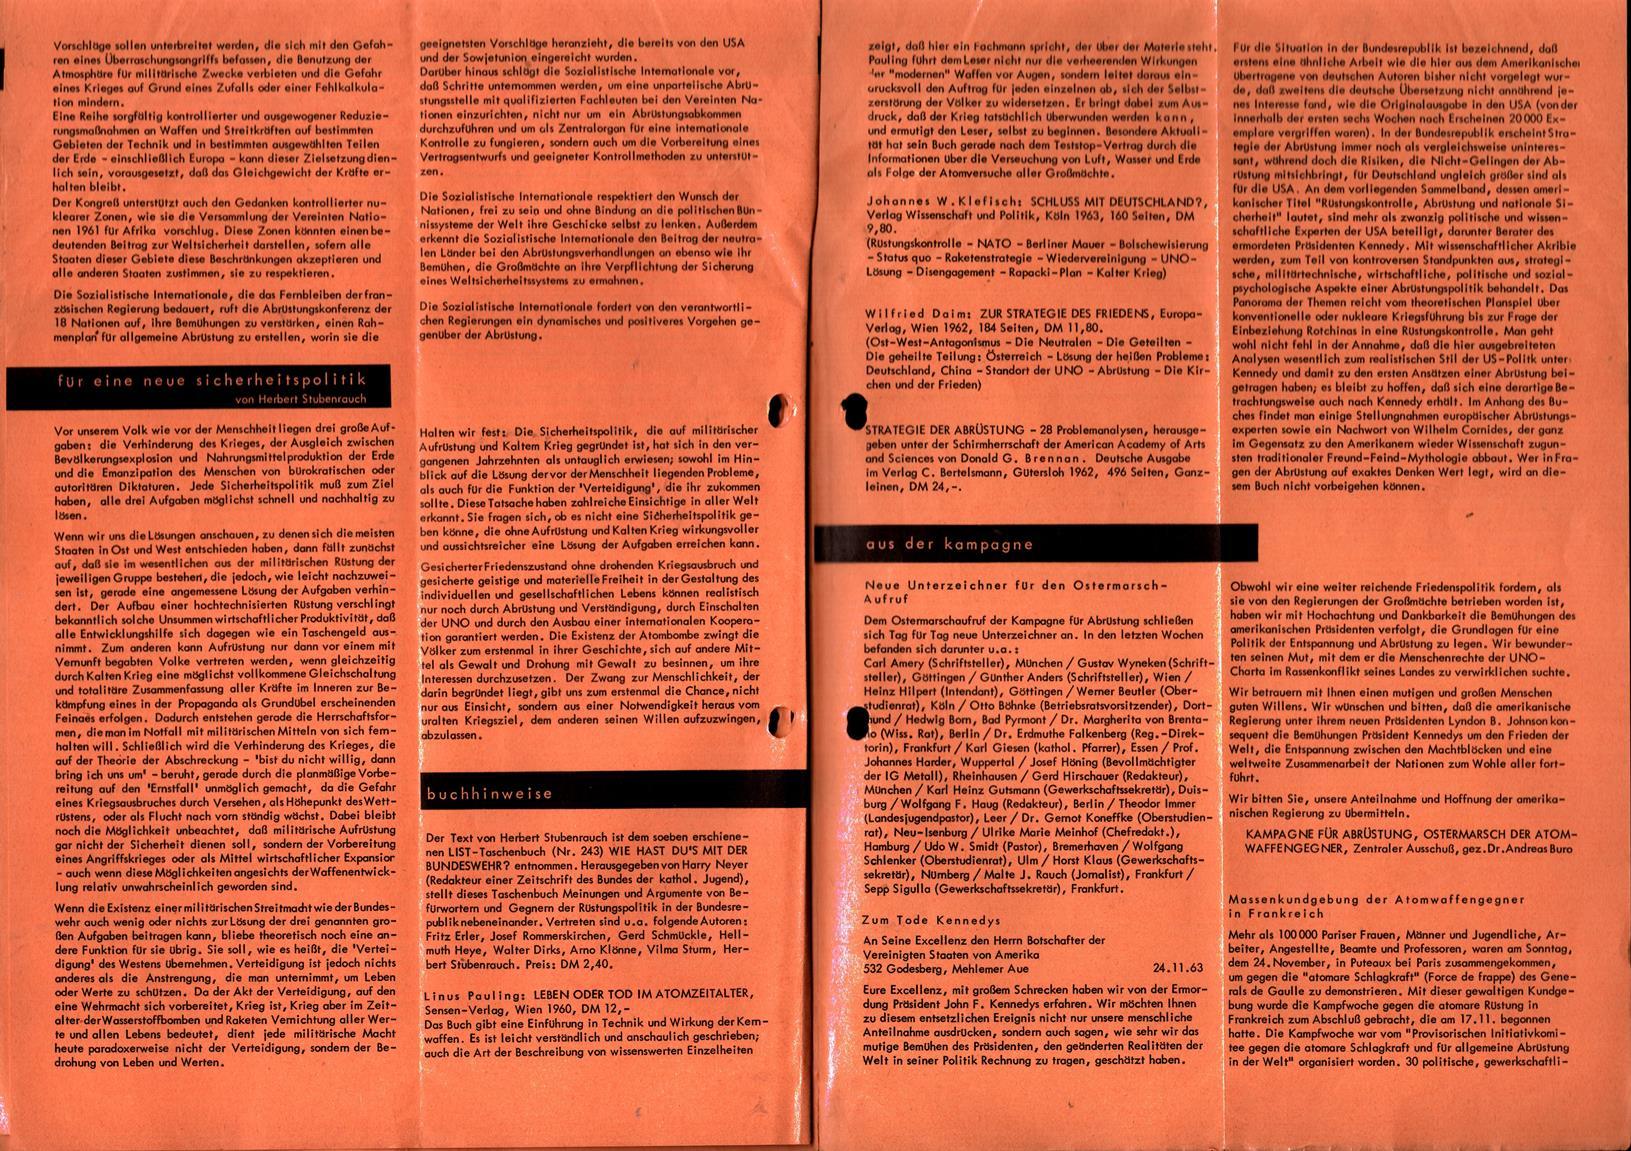 Infos_zur_Abruestung_1963_005_004